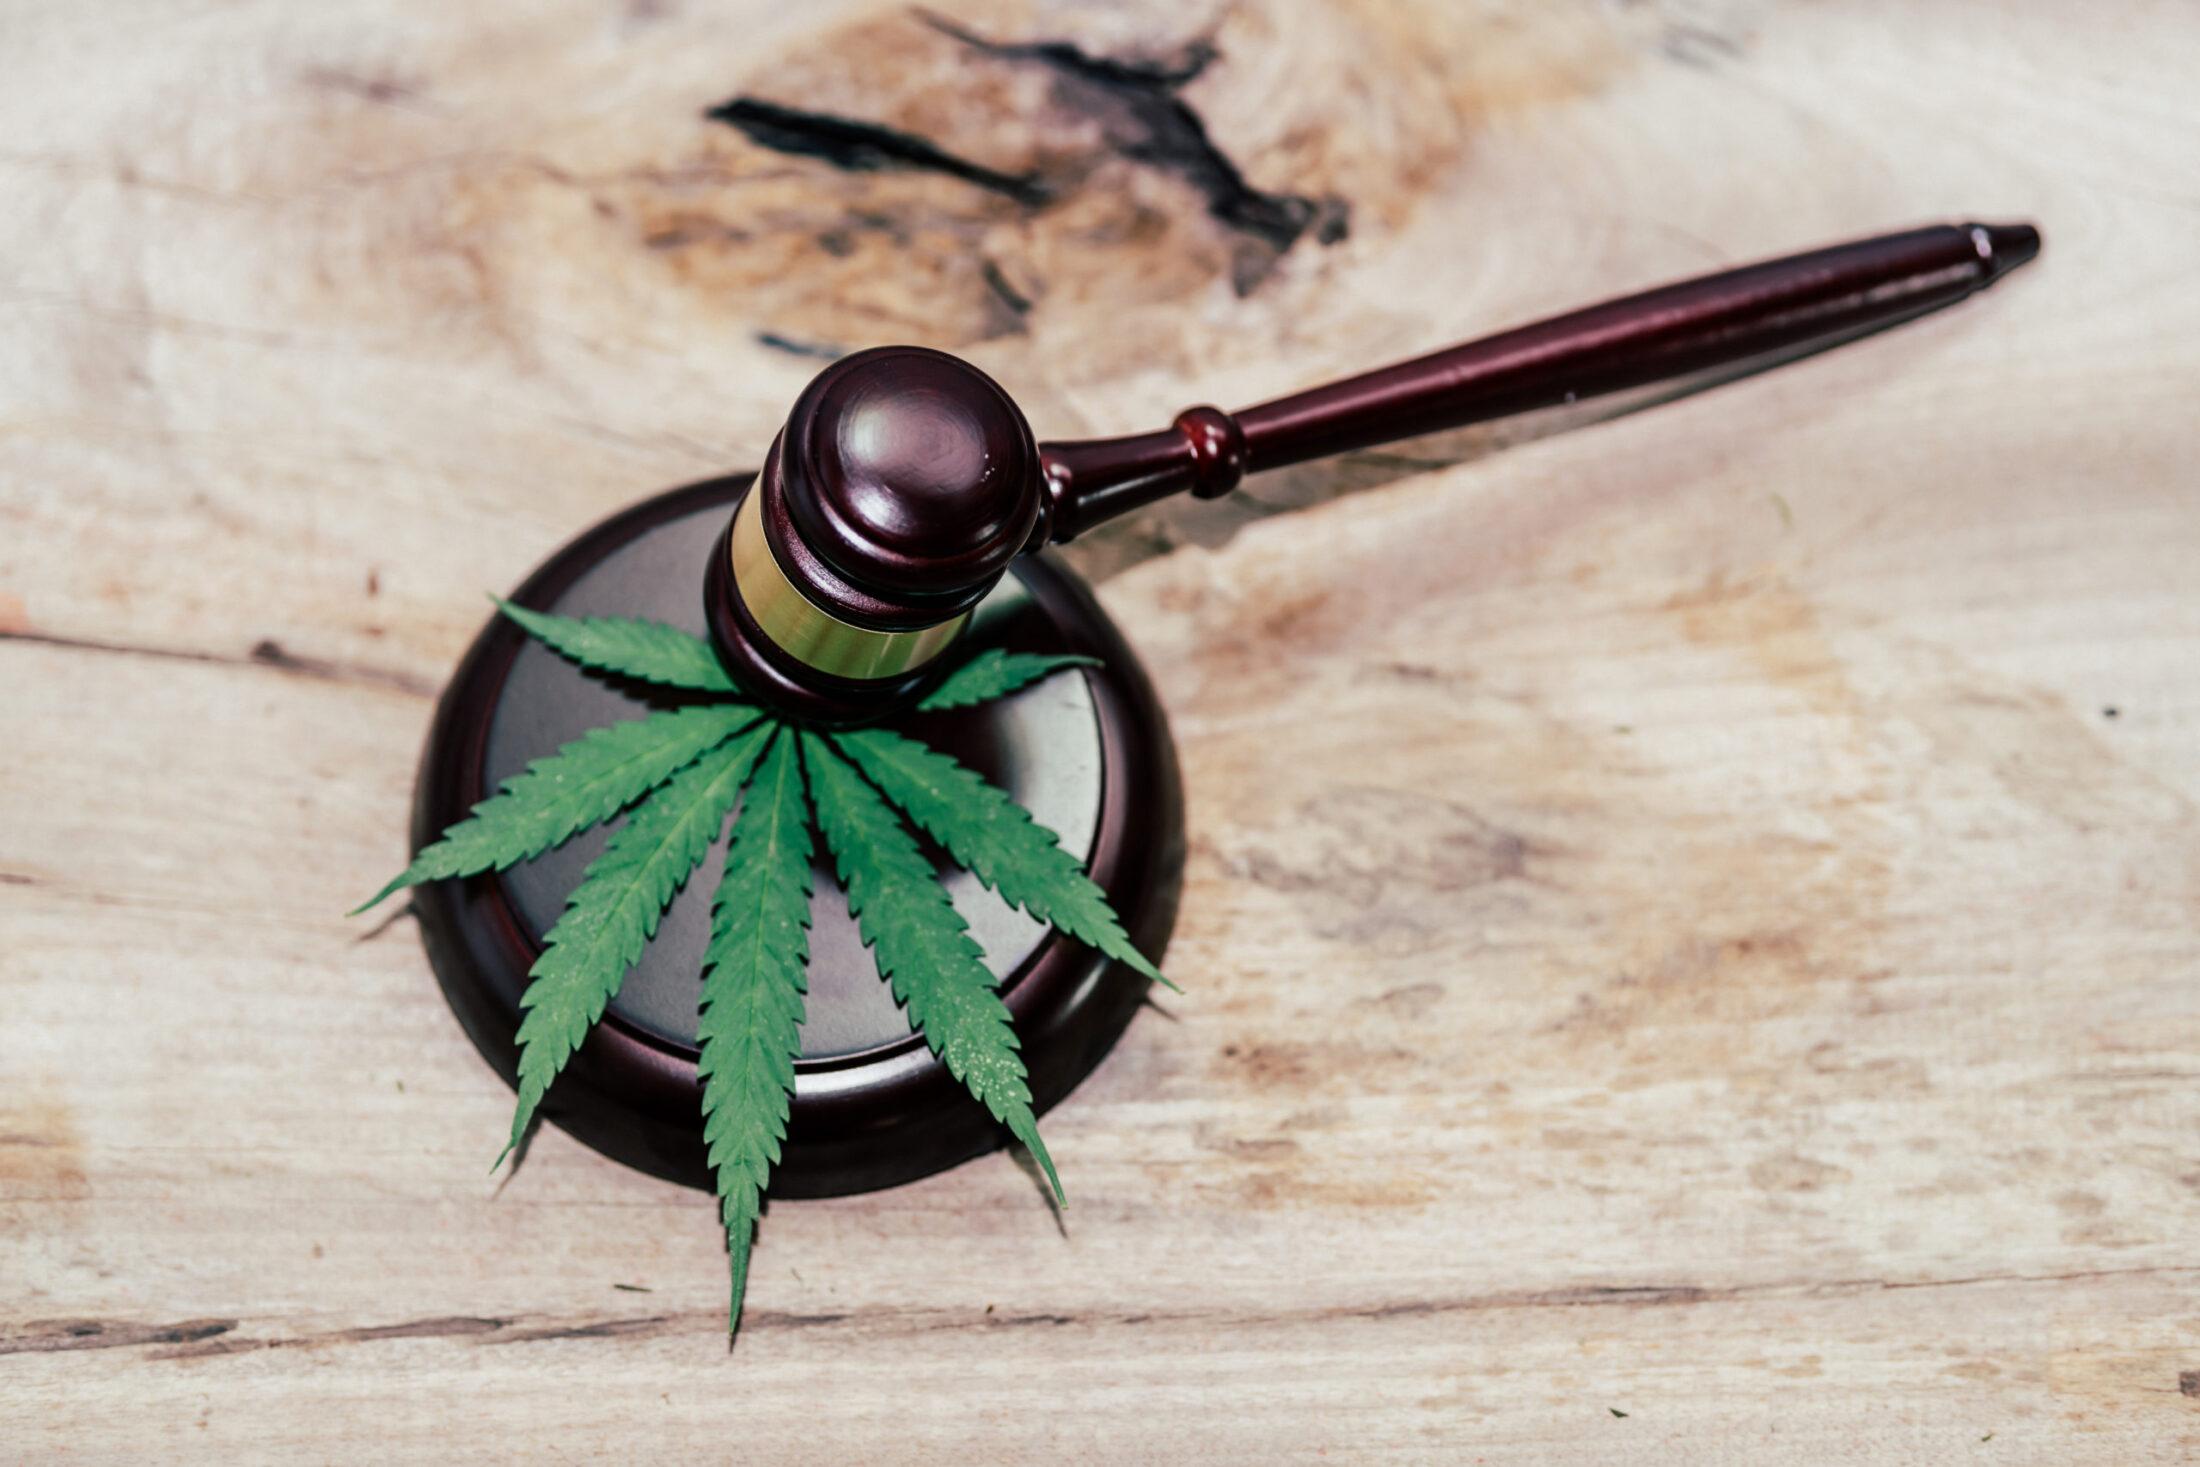 Virginia decriminalizes weed